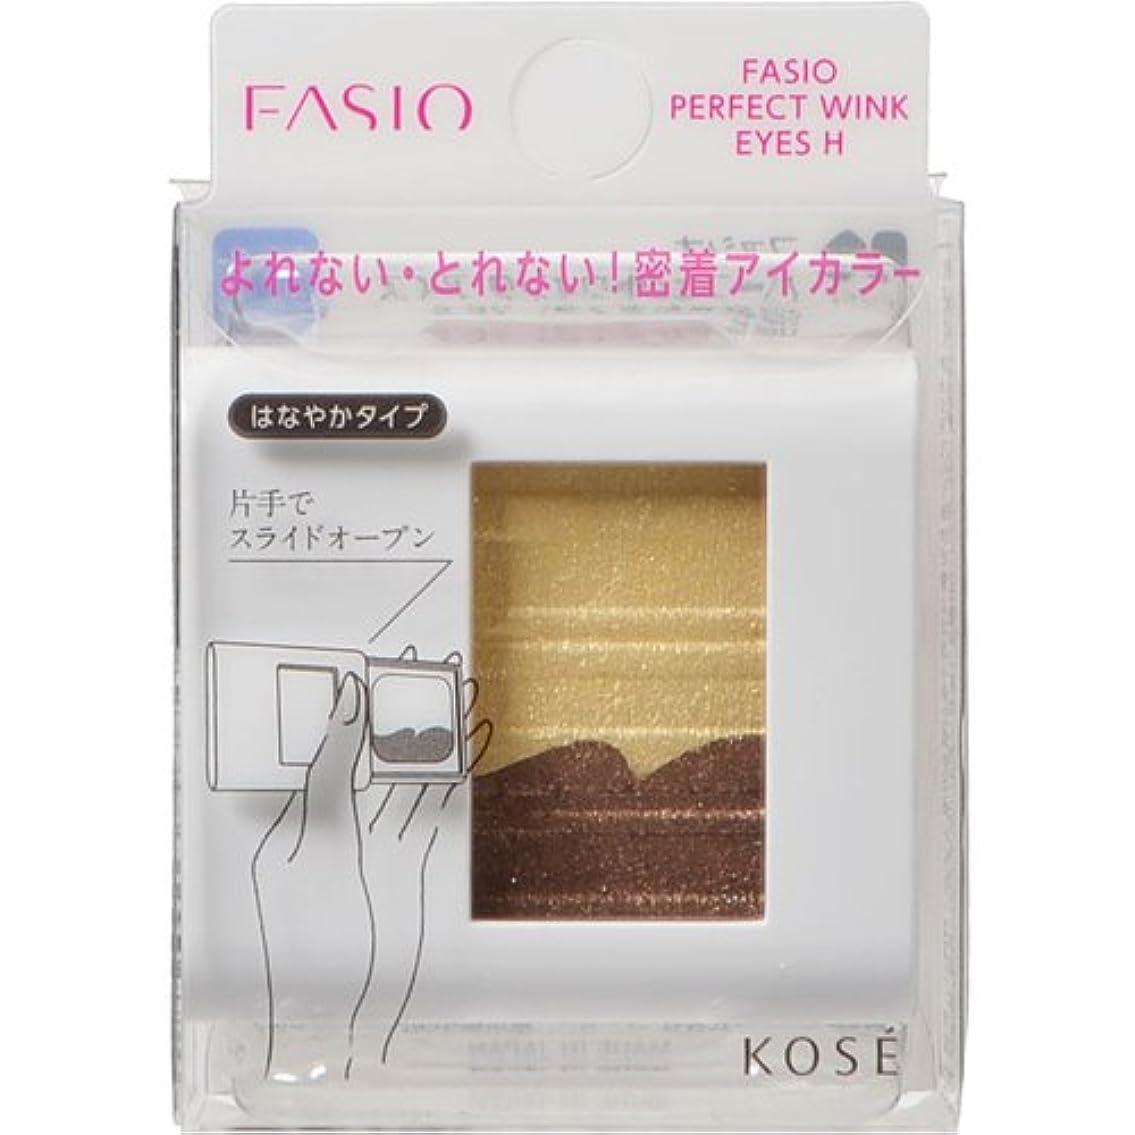 乱暴な異なる麦芽ファシオ パーフェクトウィンクアイズ H #008 1.7g